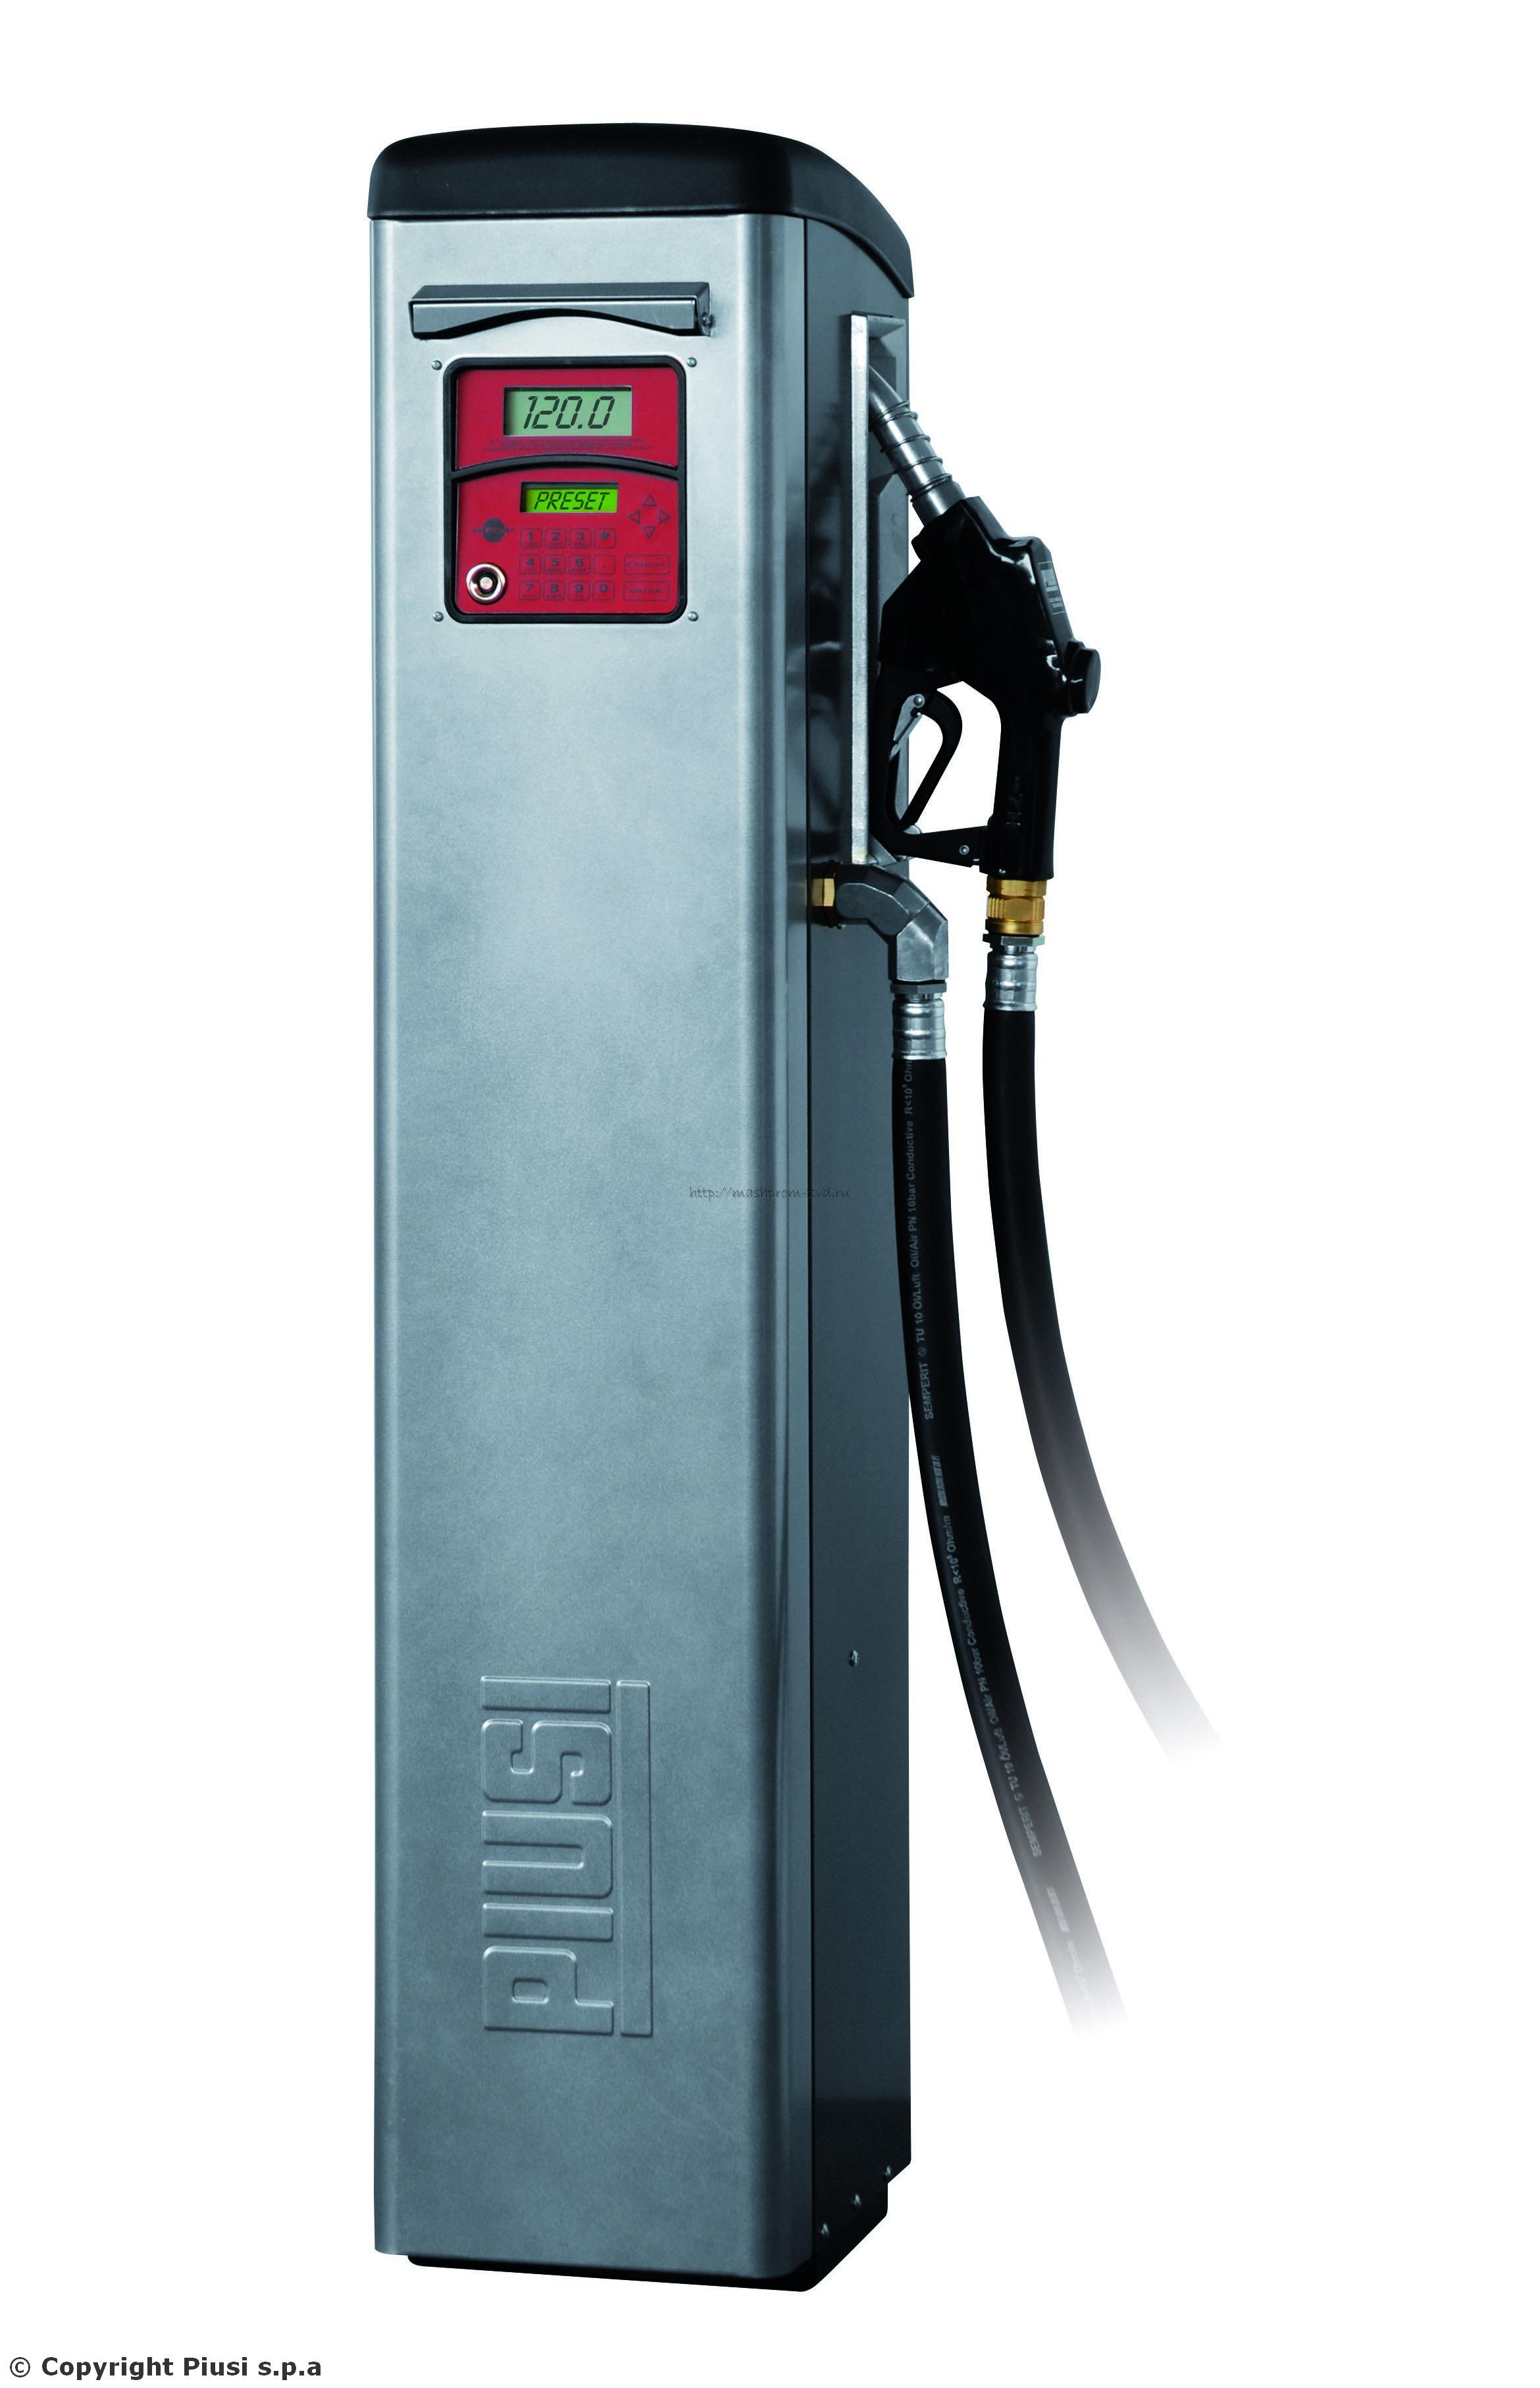 Self Service 70 MC tank арт. F00738B0D - Программируемая раздаточная колонка для ДТ: эл. сч., авт. пист., ф-тр, 70 л/м